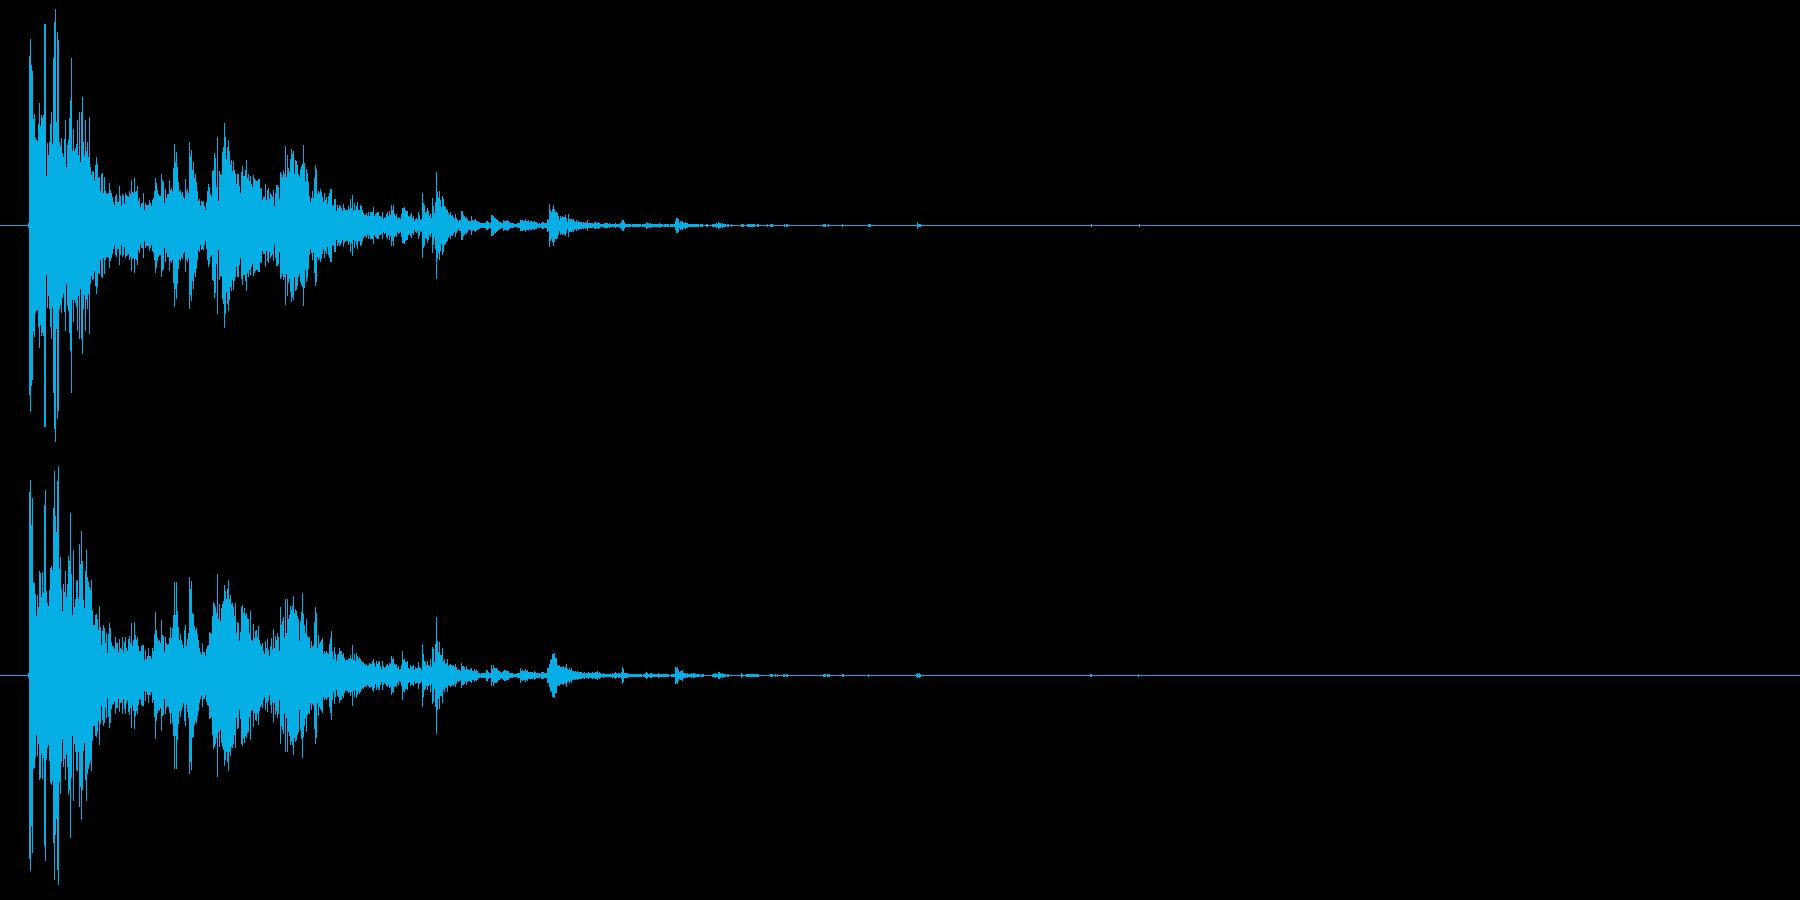 画像フレームのクラッシュの再生済みの波形